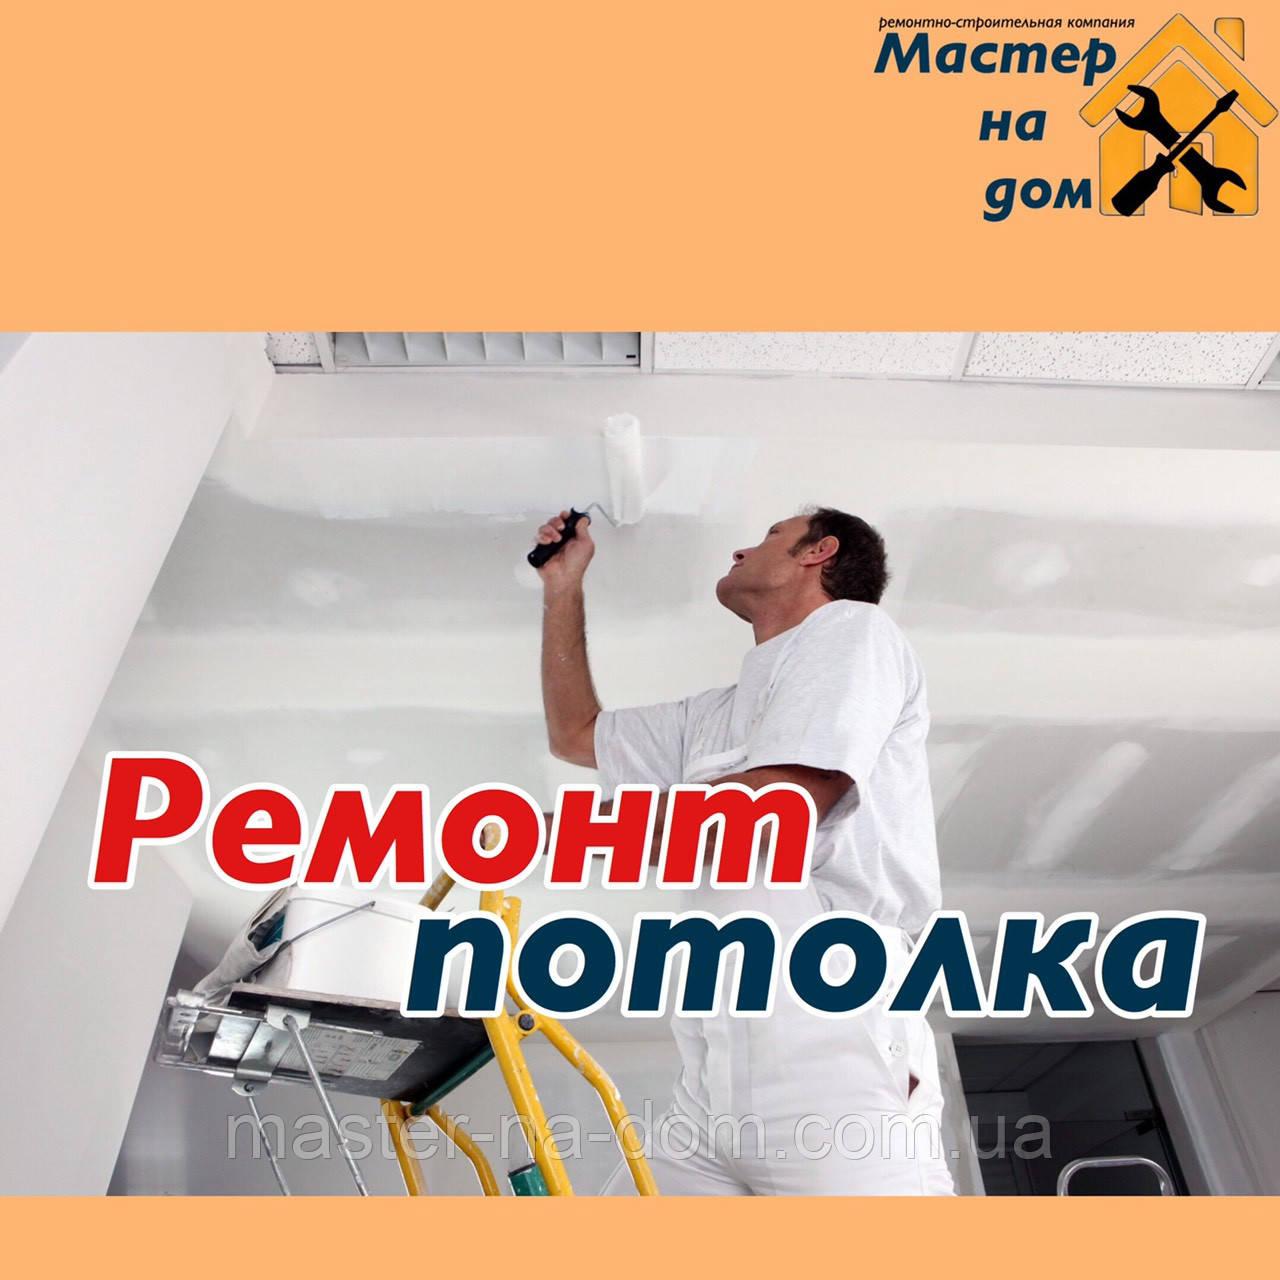 Ремонт потолка в Харькове